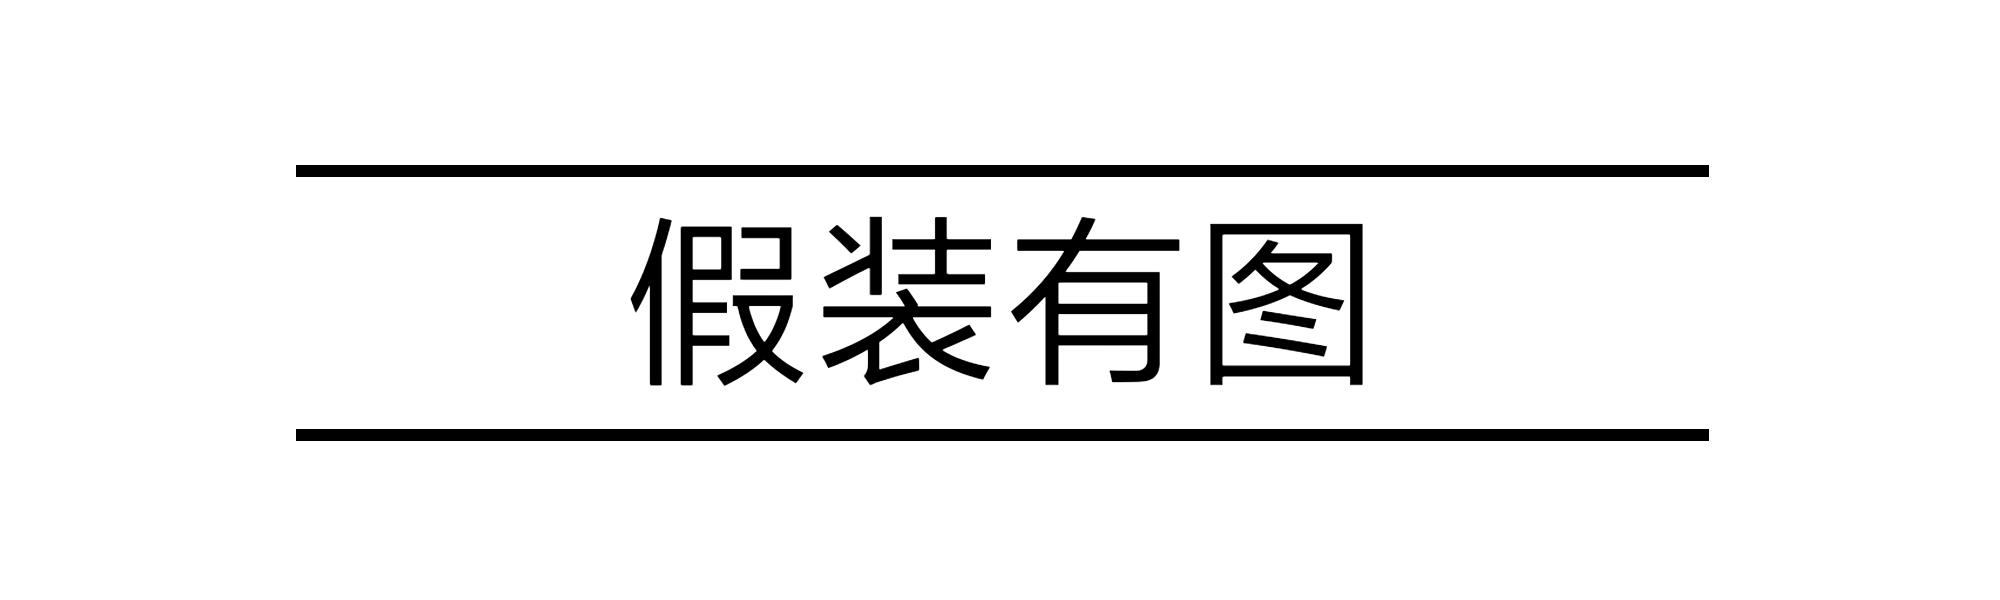 [教程]myurl搭建短网址系统